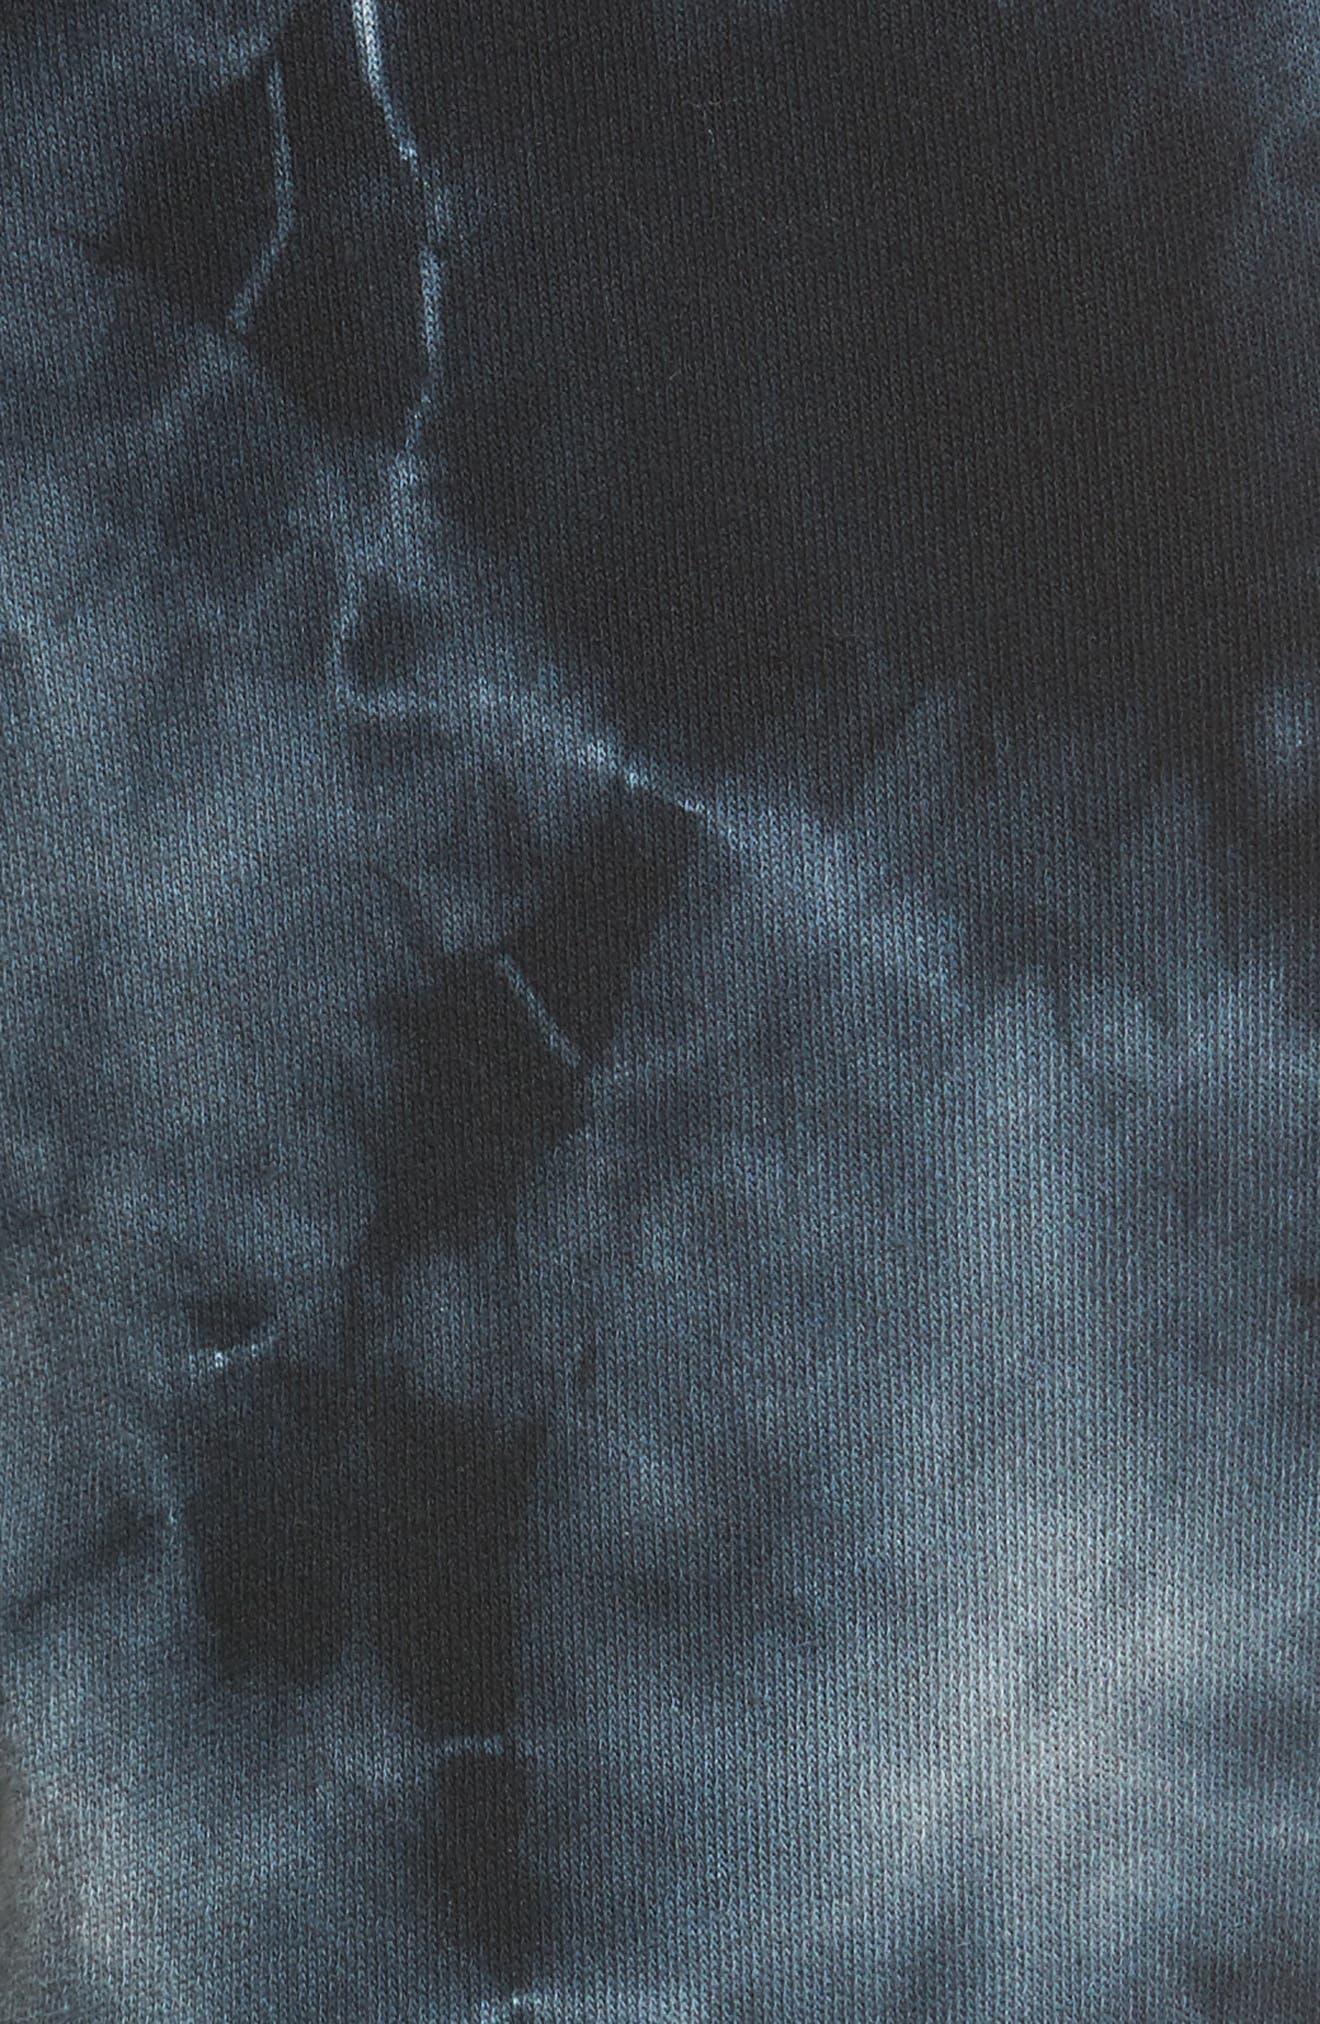 Tie Dye Knit Pants,                             Alternate thumbnail 5, color,                             Black/ Heather Grey Tie Dye